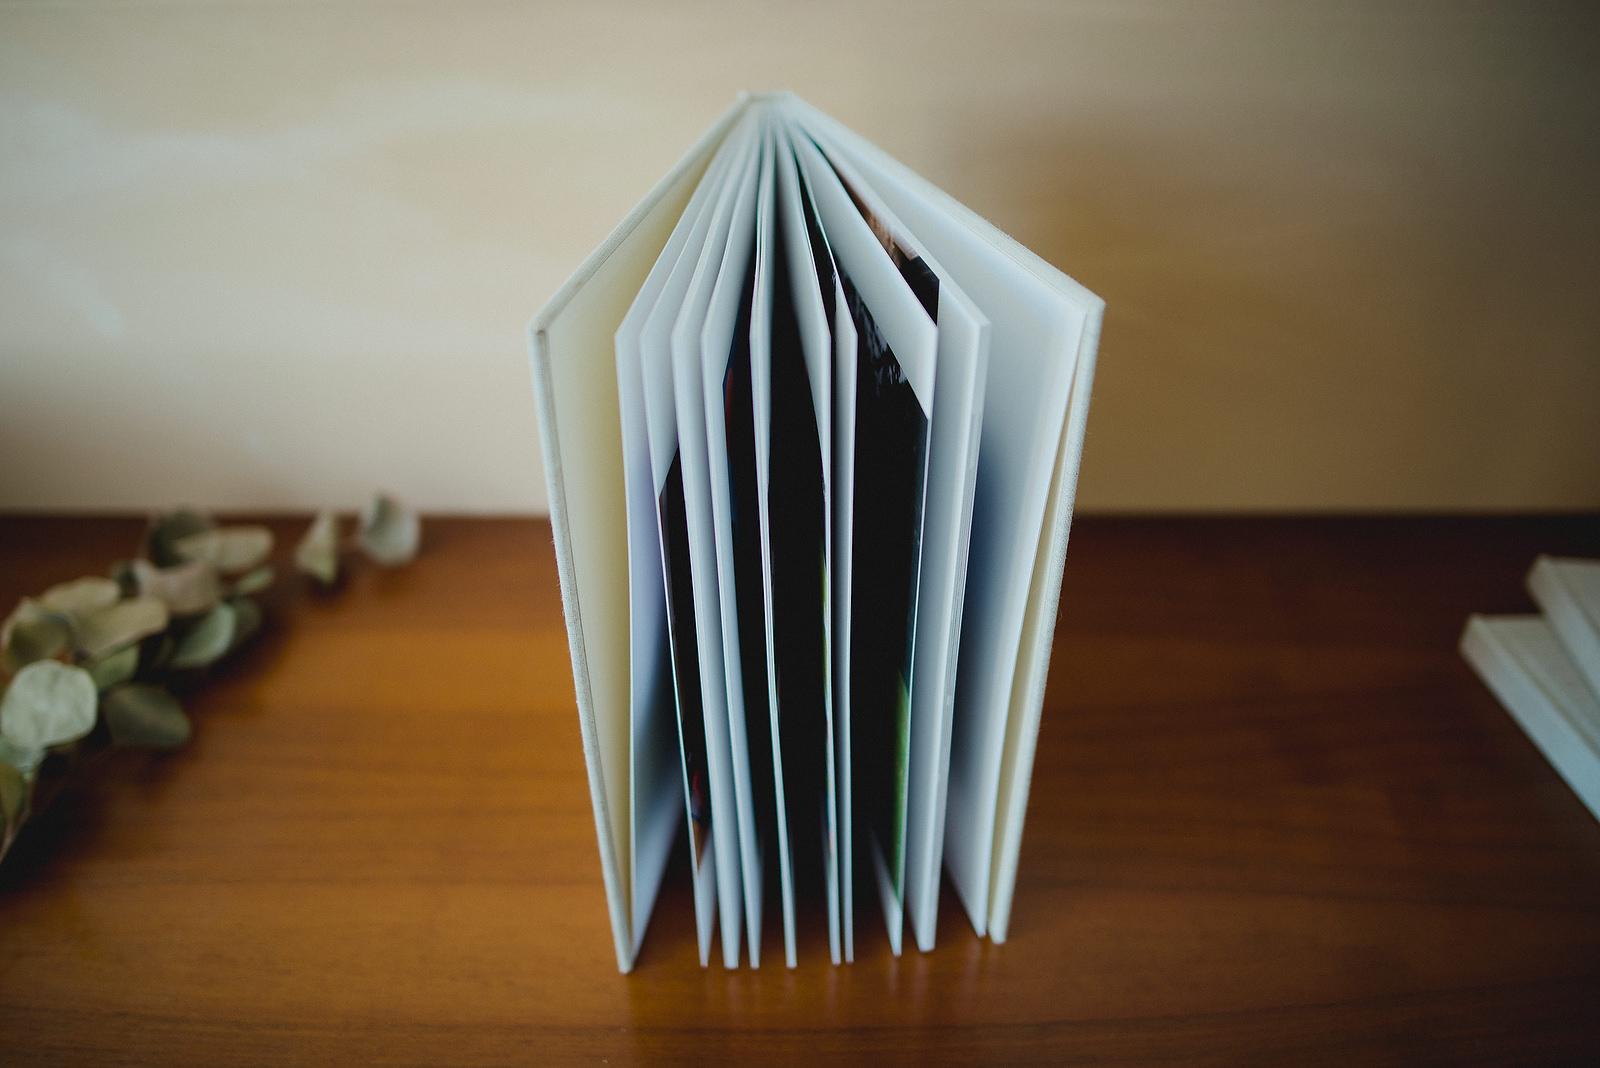 Fotograf Konstanz - Fine Art Hochzeitsalbum Album Fotoalbum EFP 5 - Wedding Albums  - 28 -